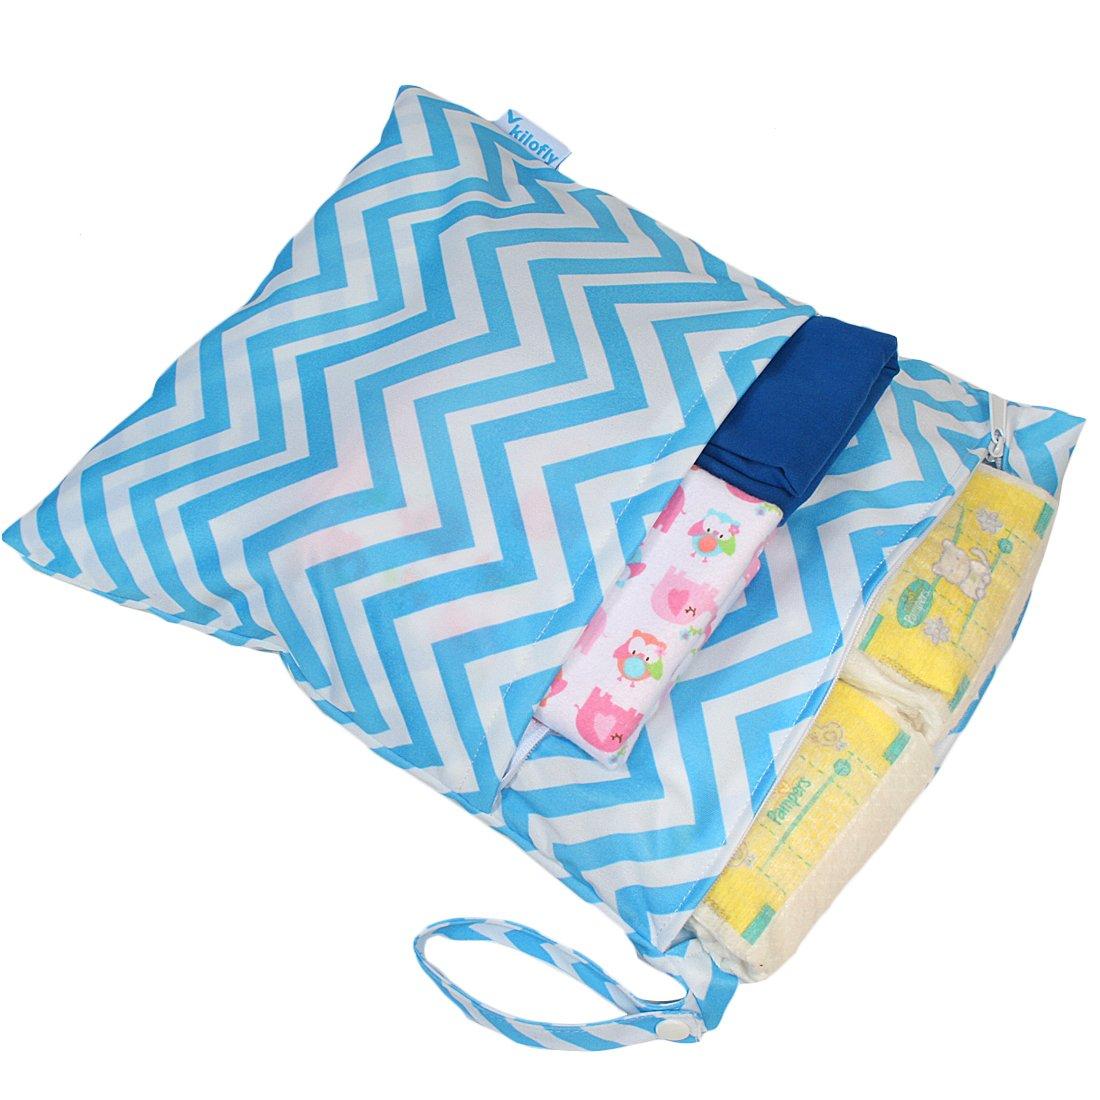 KF Baby Diaper Bag Insert Stroller Organizer, Blue + Wet Dry Bag Value Combo kilofly